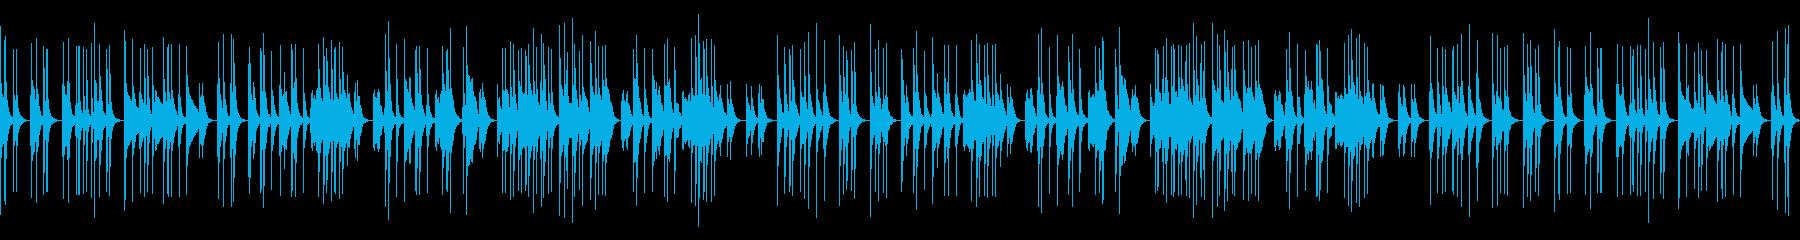 陽気で元気が出る音頭の再生済みの波形